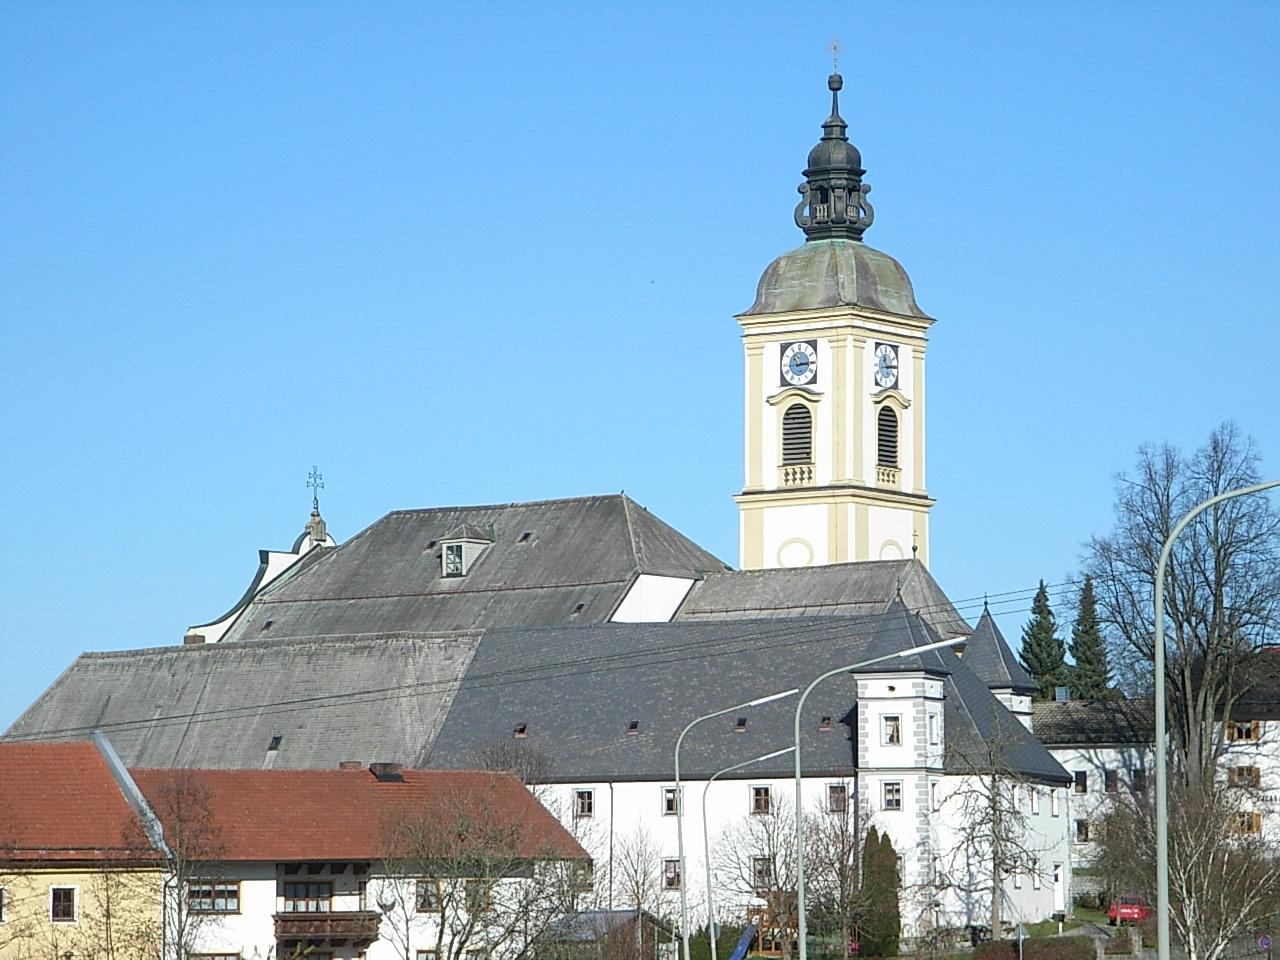 Rinchnach2 C 16 November 004